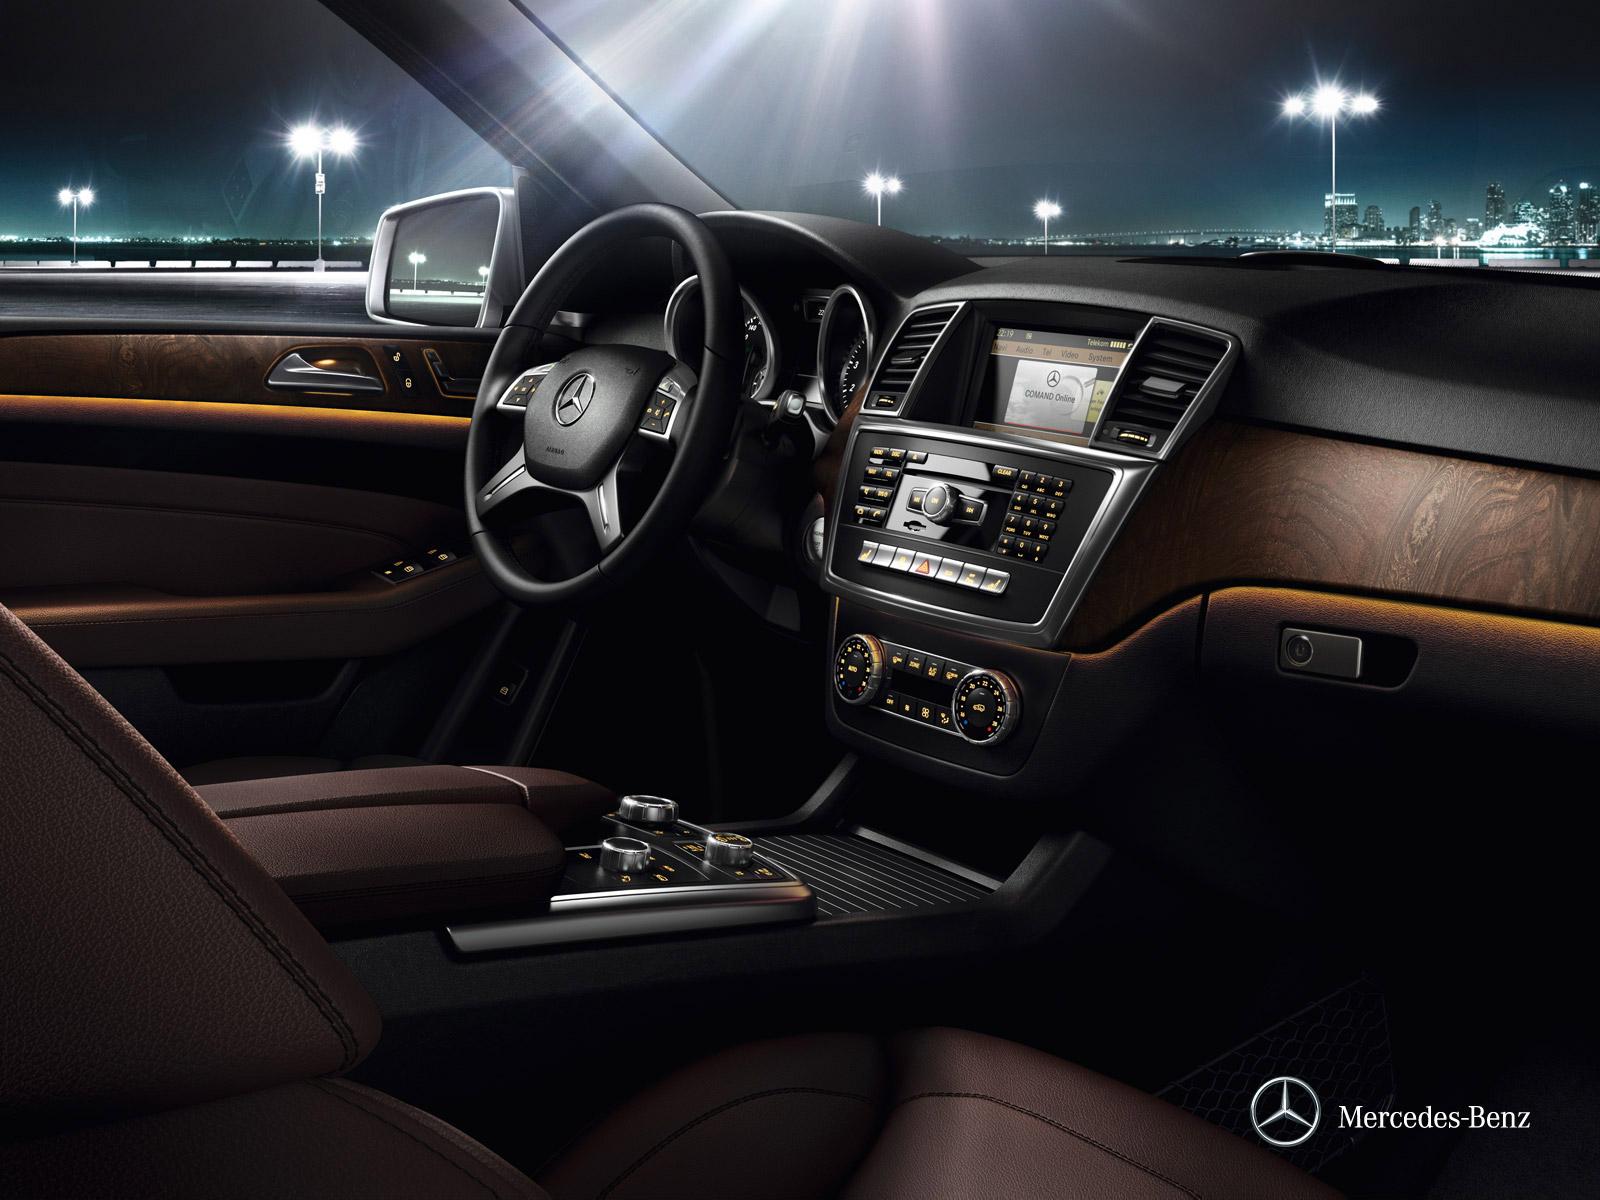 Mercedes-Benz M-klasse III (W166) 2011 - 2015 SUV 5 door #5